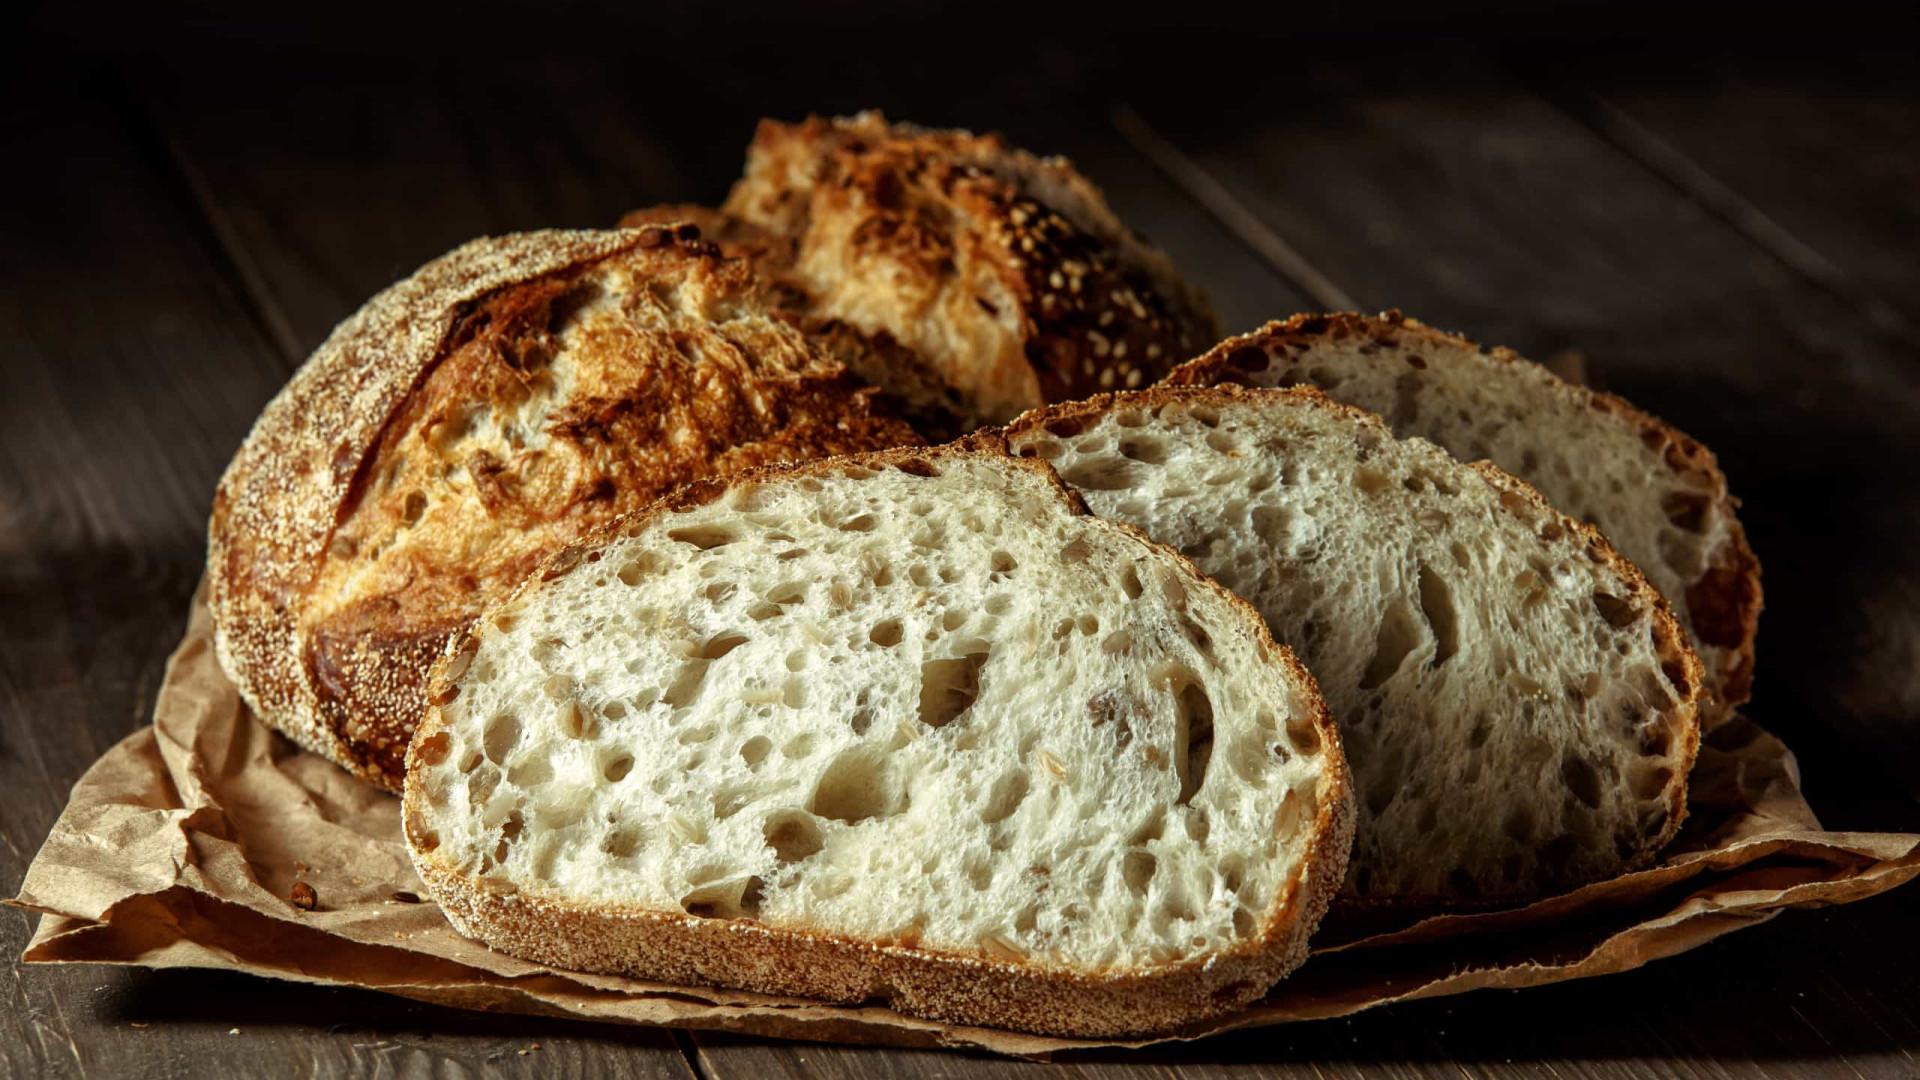 Não jogue fora! Três dicas surpreendentes para aproveitar o pão duro